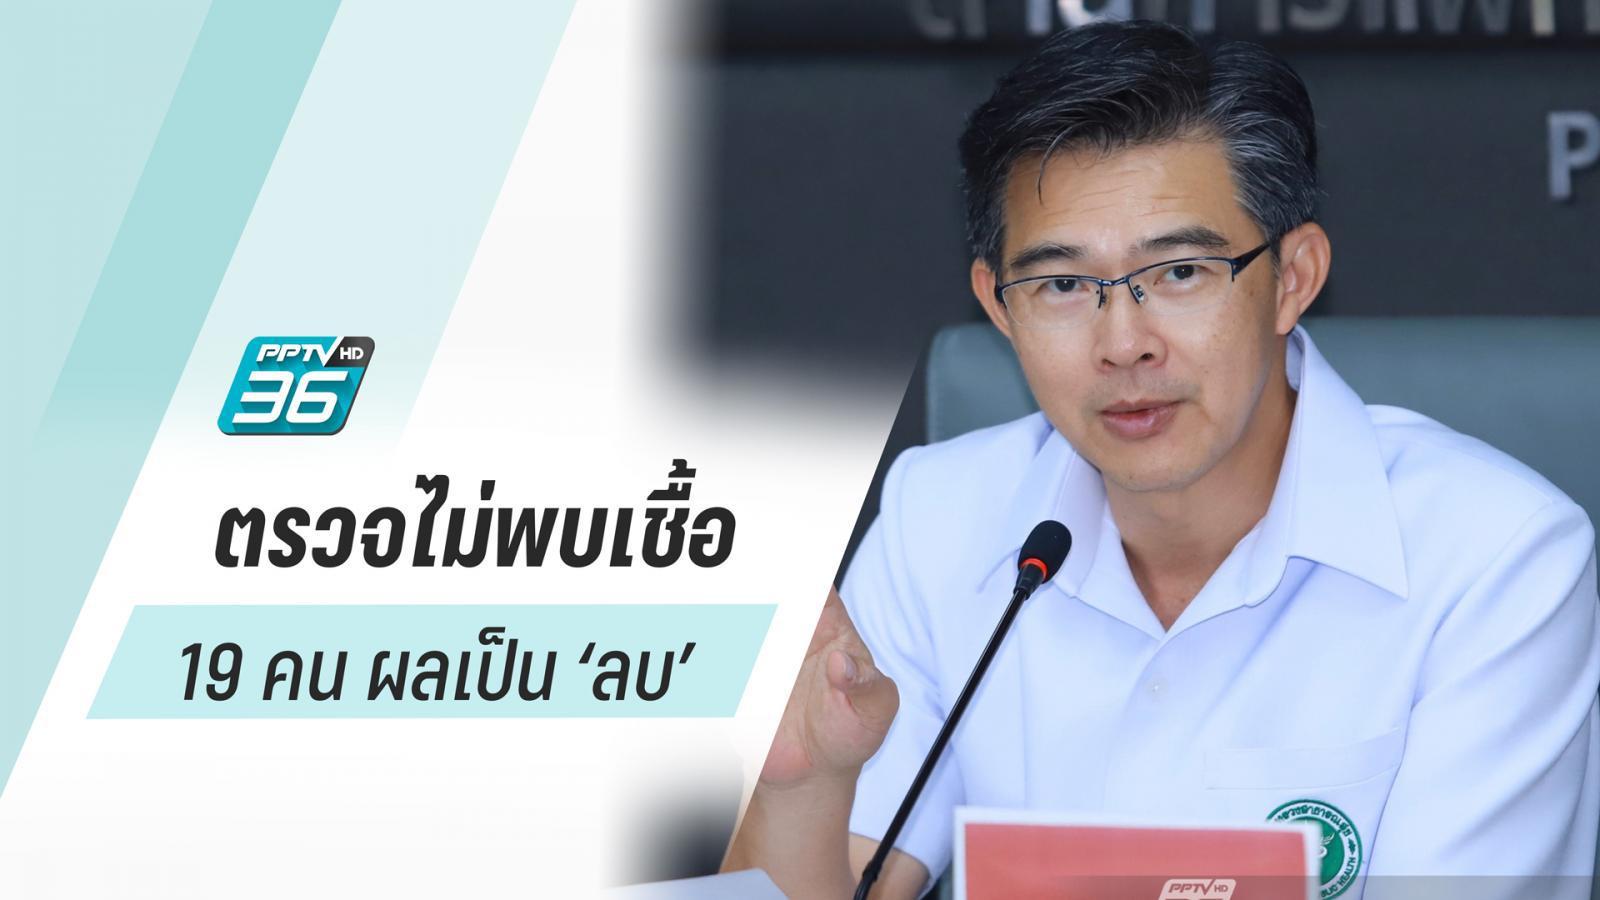 สธ. เผยแรงงานไทยกลับเกาหลีมีไข้ 19 คน ตรวจไม่พบโควิด-19